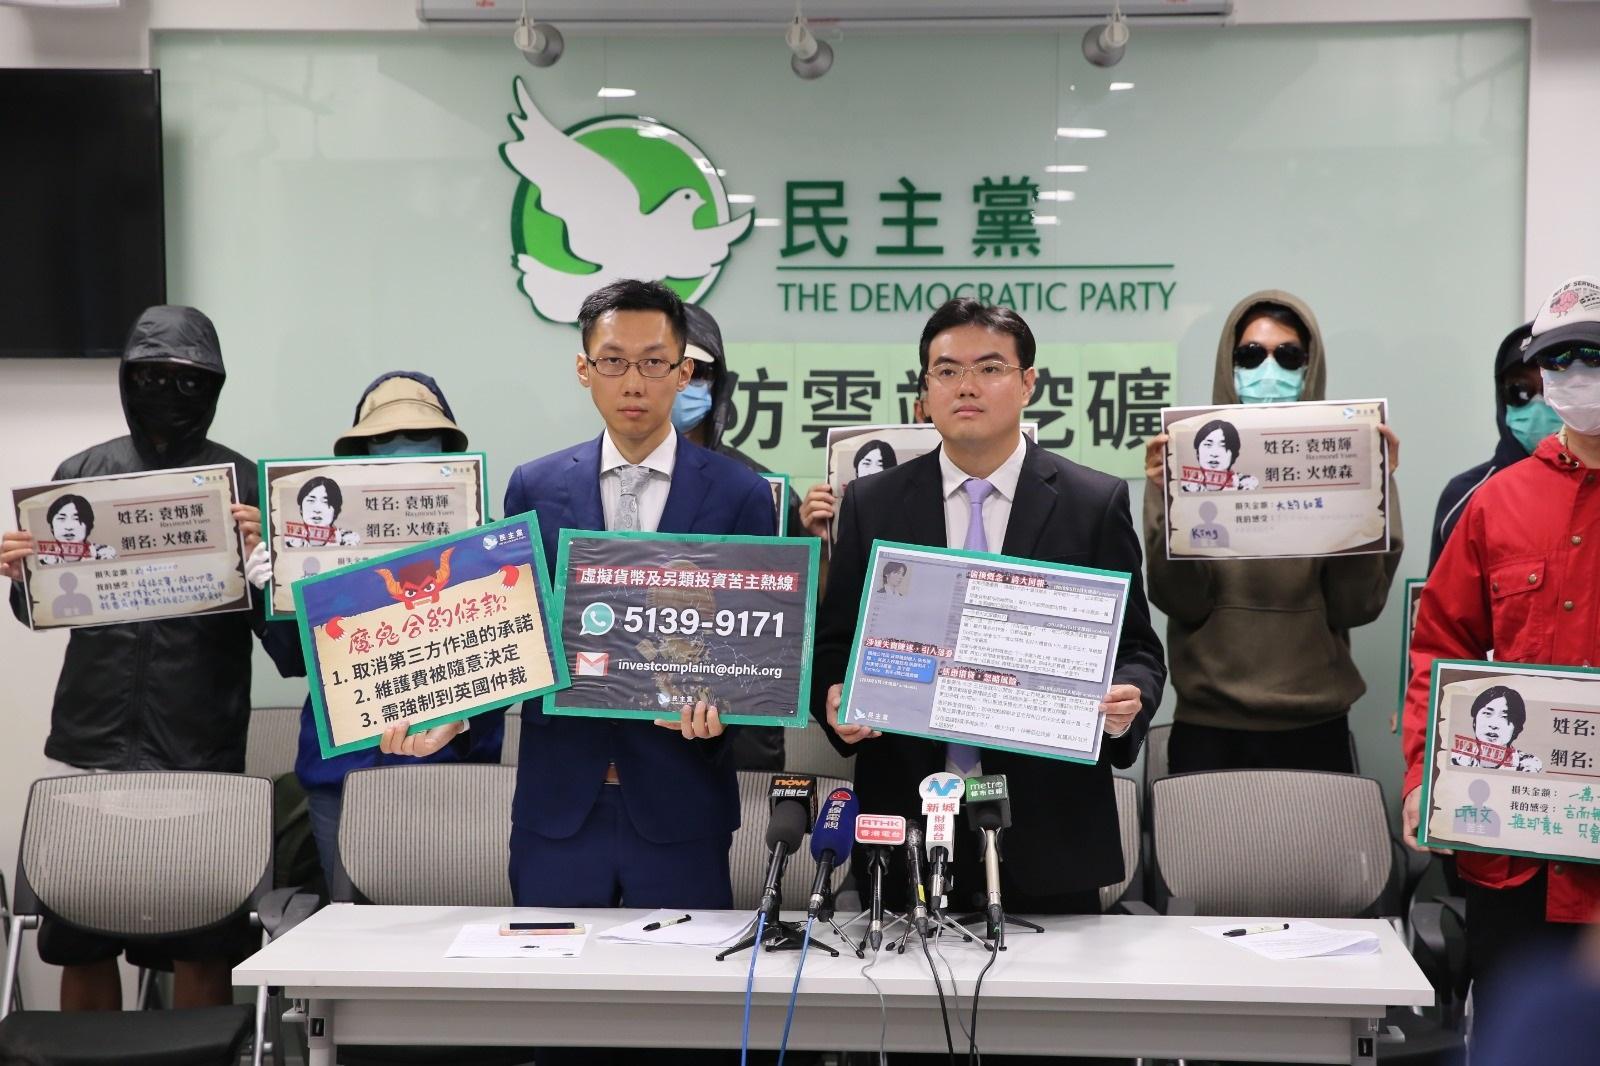 前排左︰民主黨財經政策副發言人袁海文